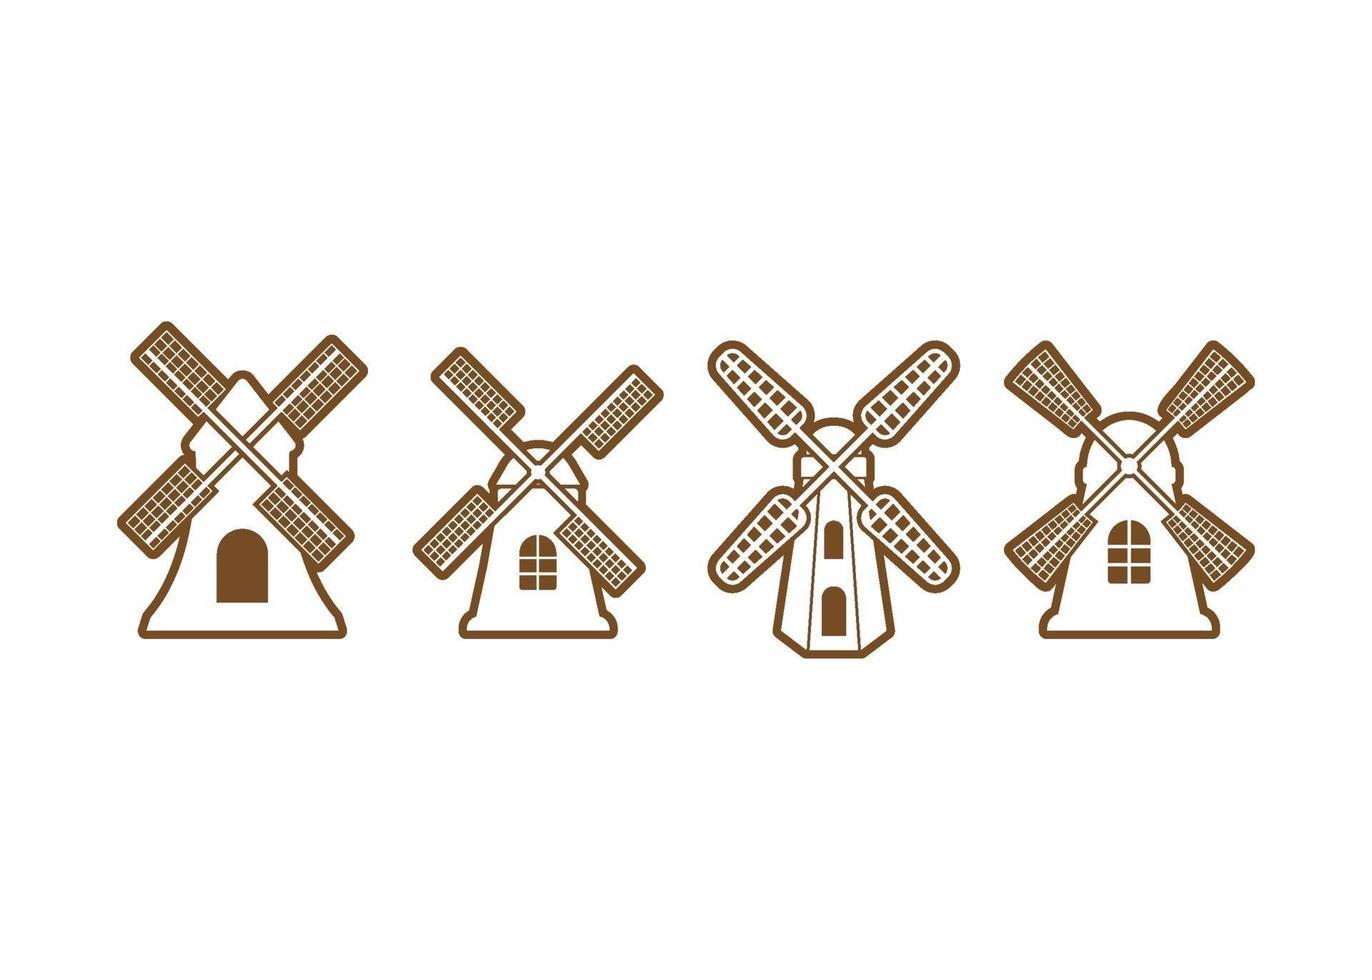 conjunto de vectores de ilustración de icono de molino de viento